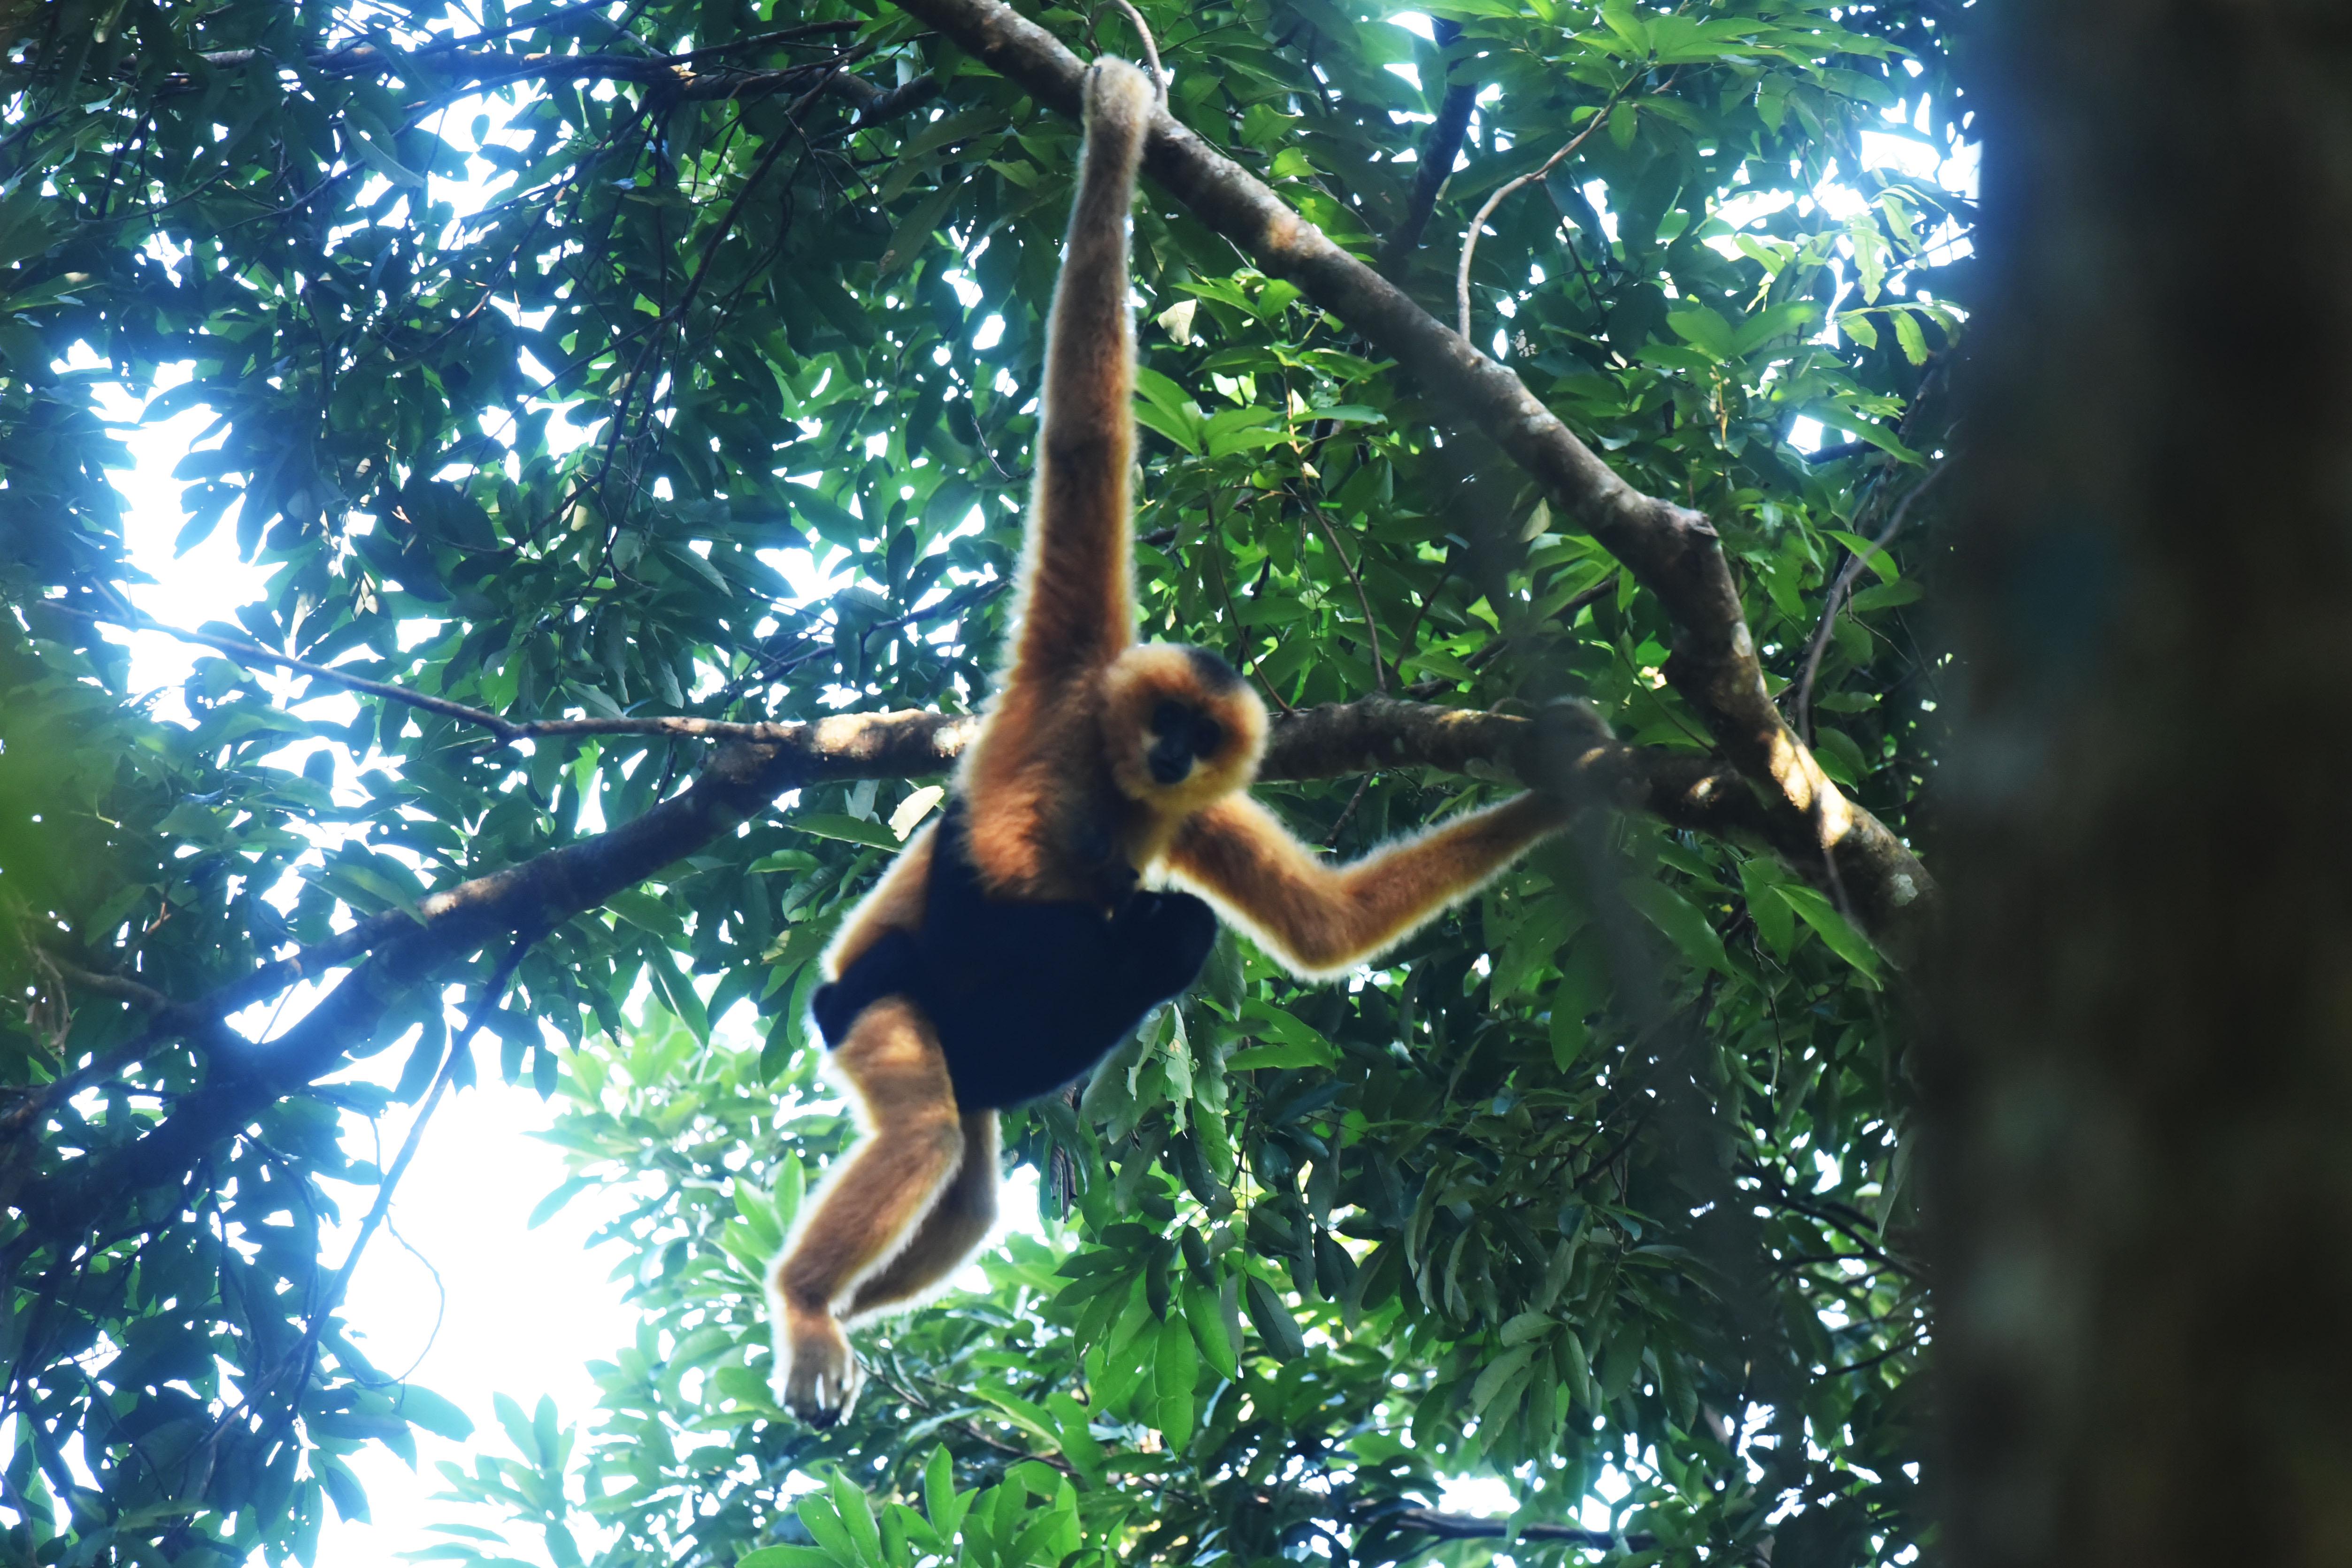 Egy új pár felfedezése új reményt jelent a világ legritkább főemlősfajának